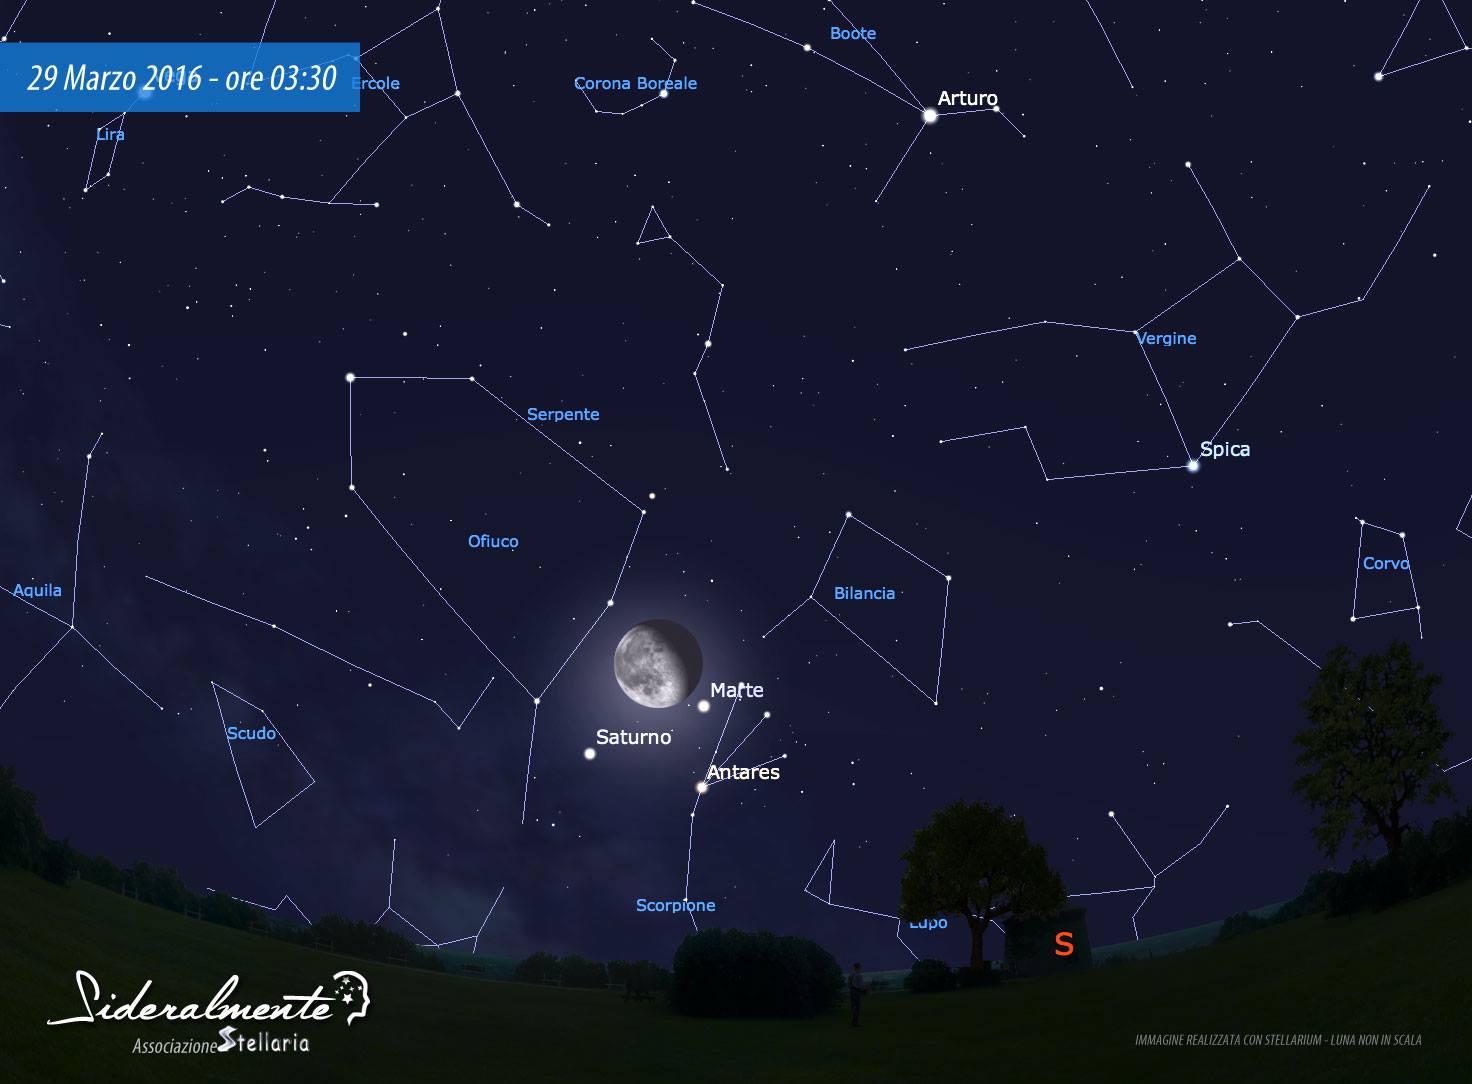 29 marzo (notte). Marte, Luna e Saturno in congiunzione a forma di triangolo . La Luna non è in scala. Immagine realizzata da Associazione Stellaria